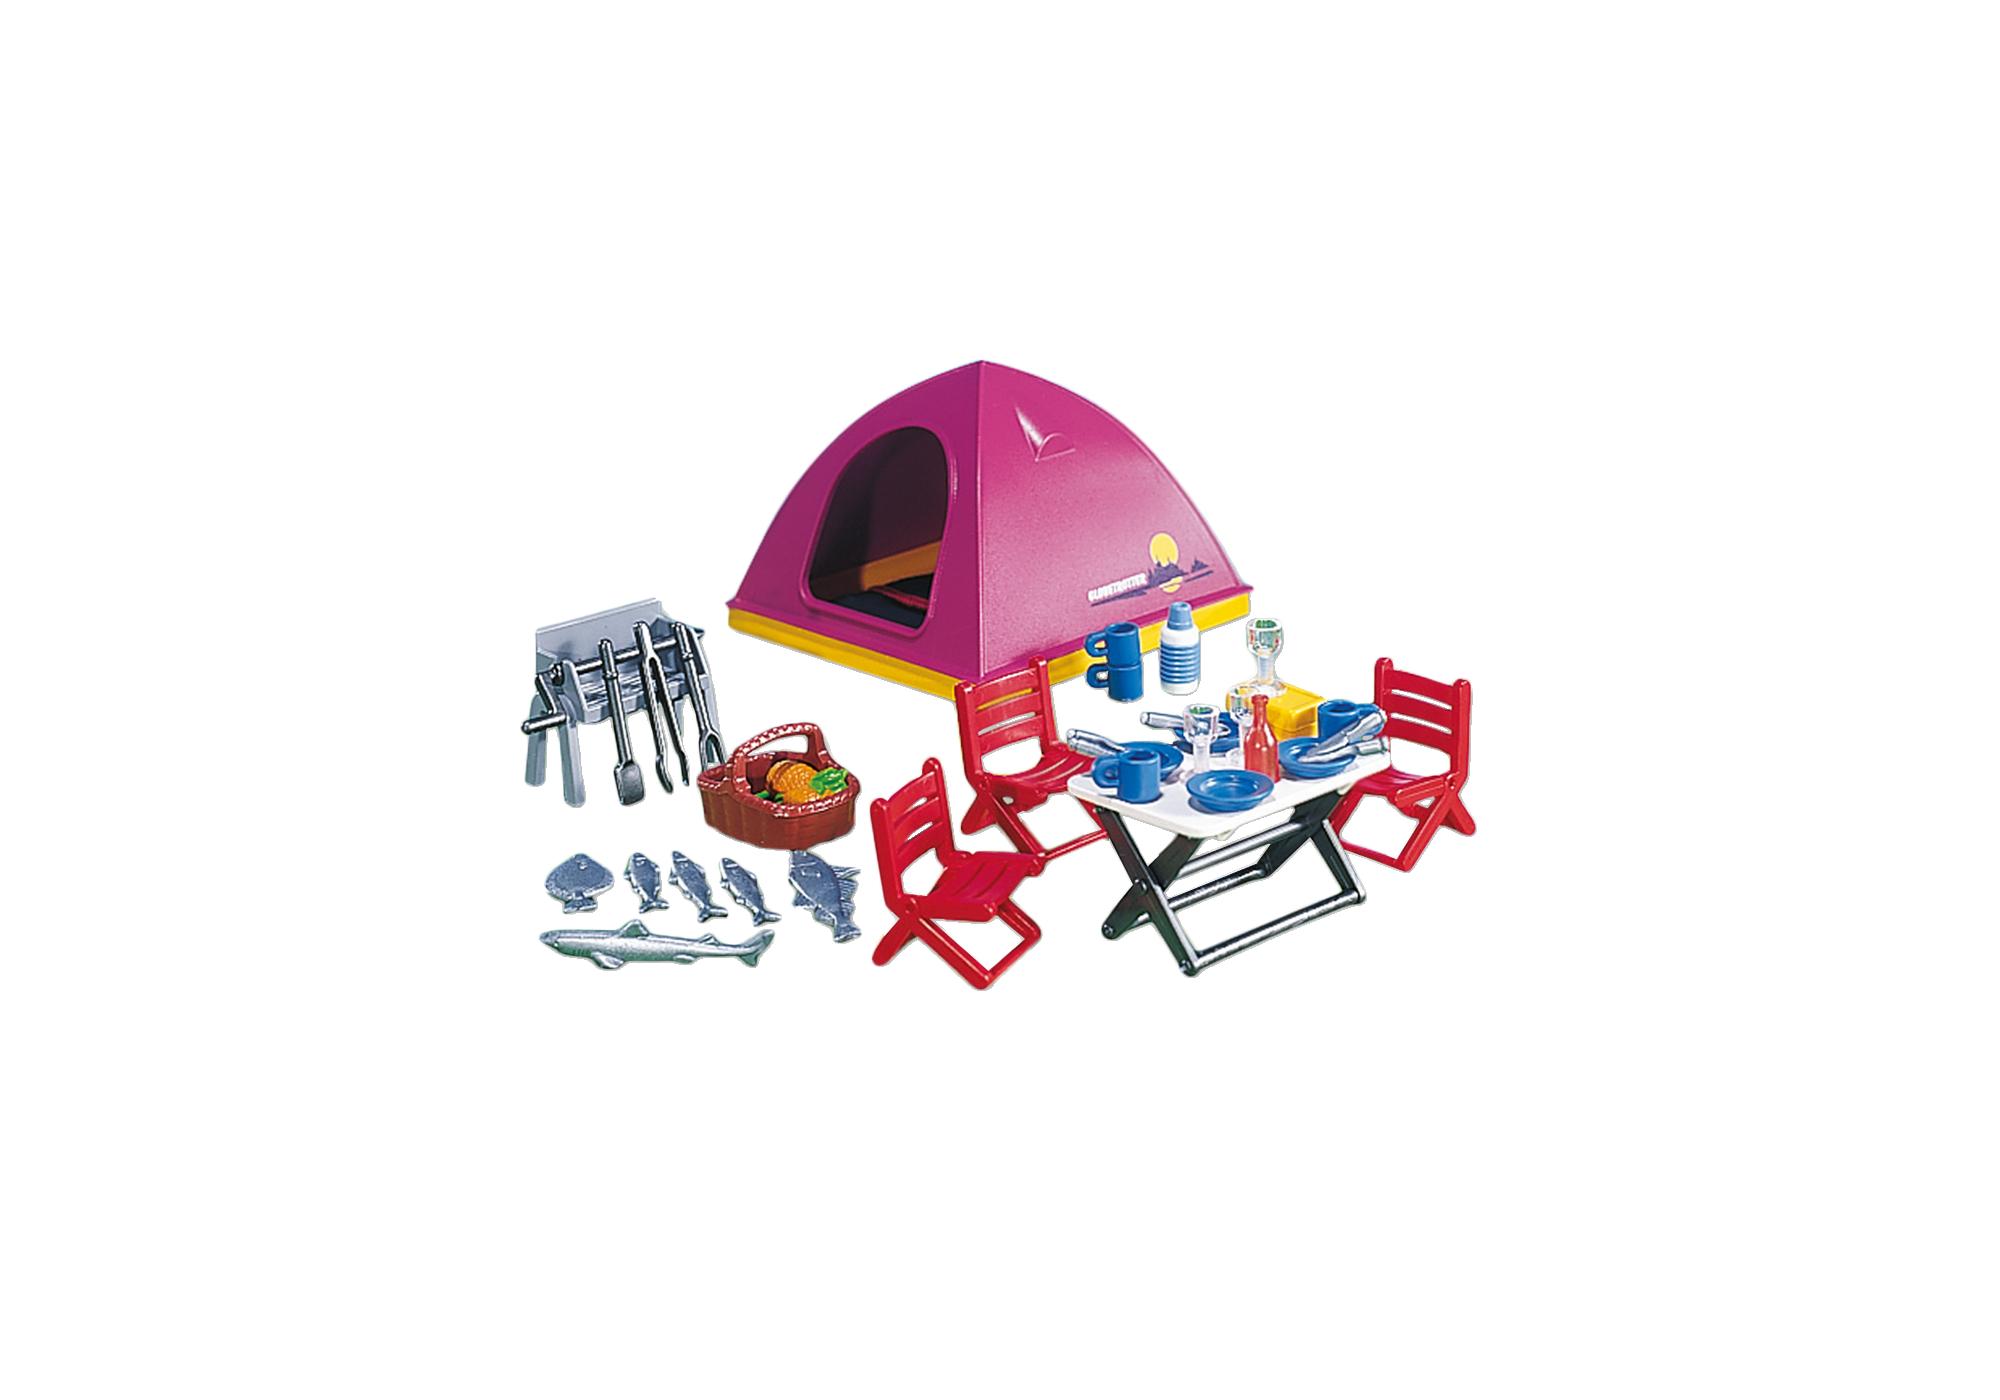 http://media.playmobil.com/i/playmobil/7260_product_detail/Tenda e Material de Campismo